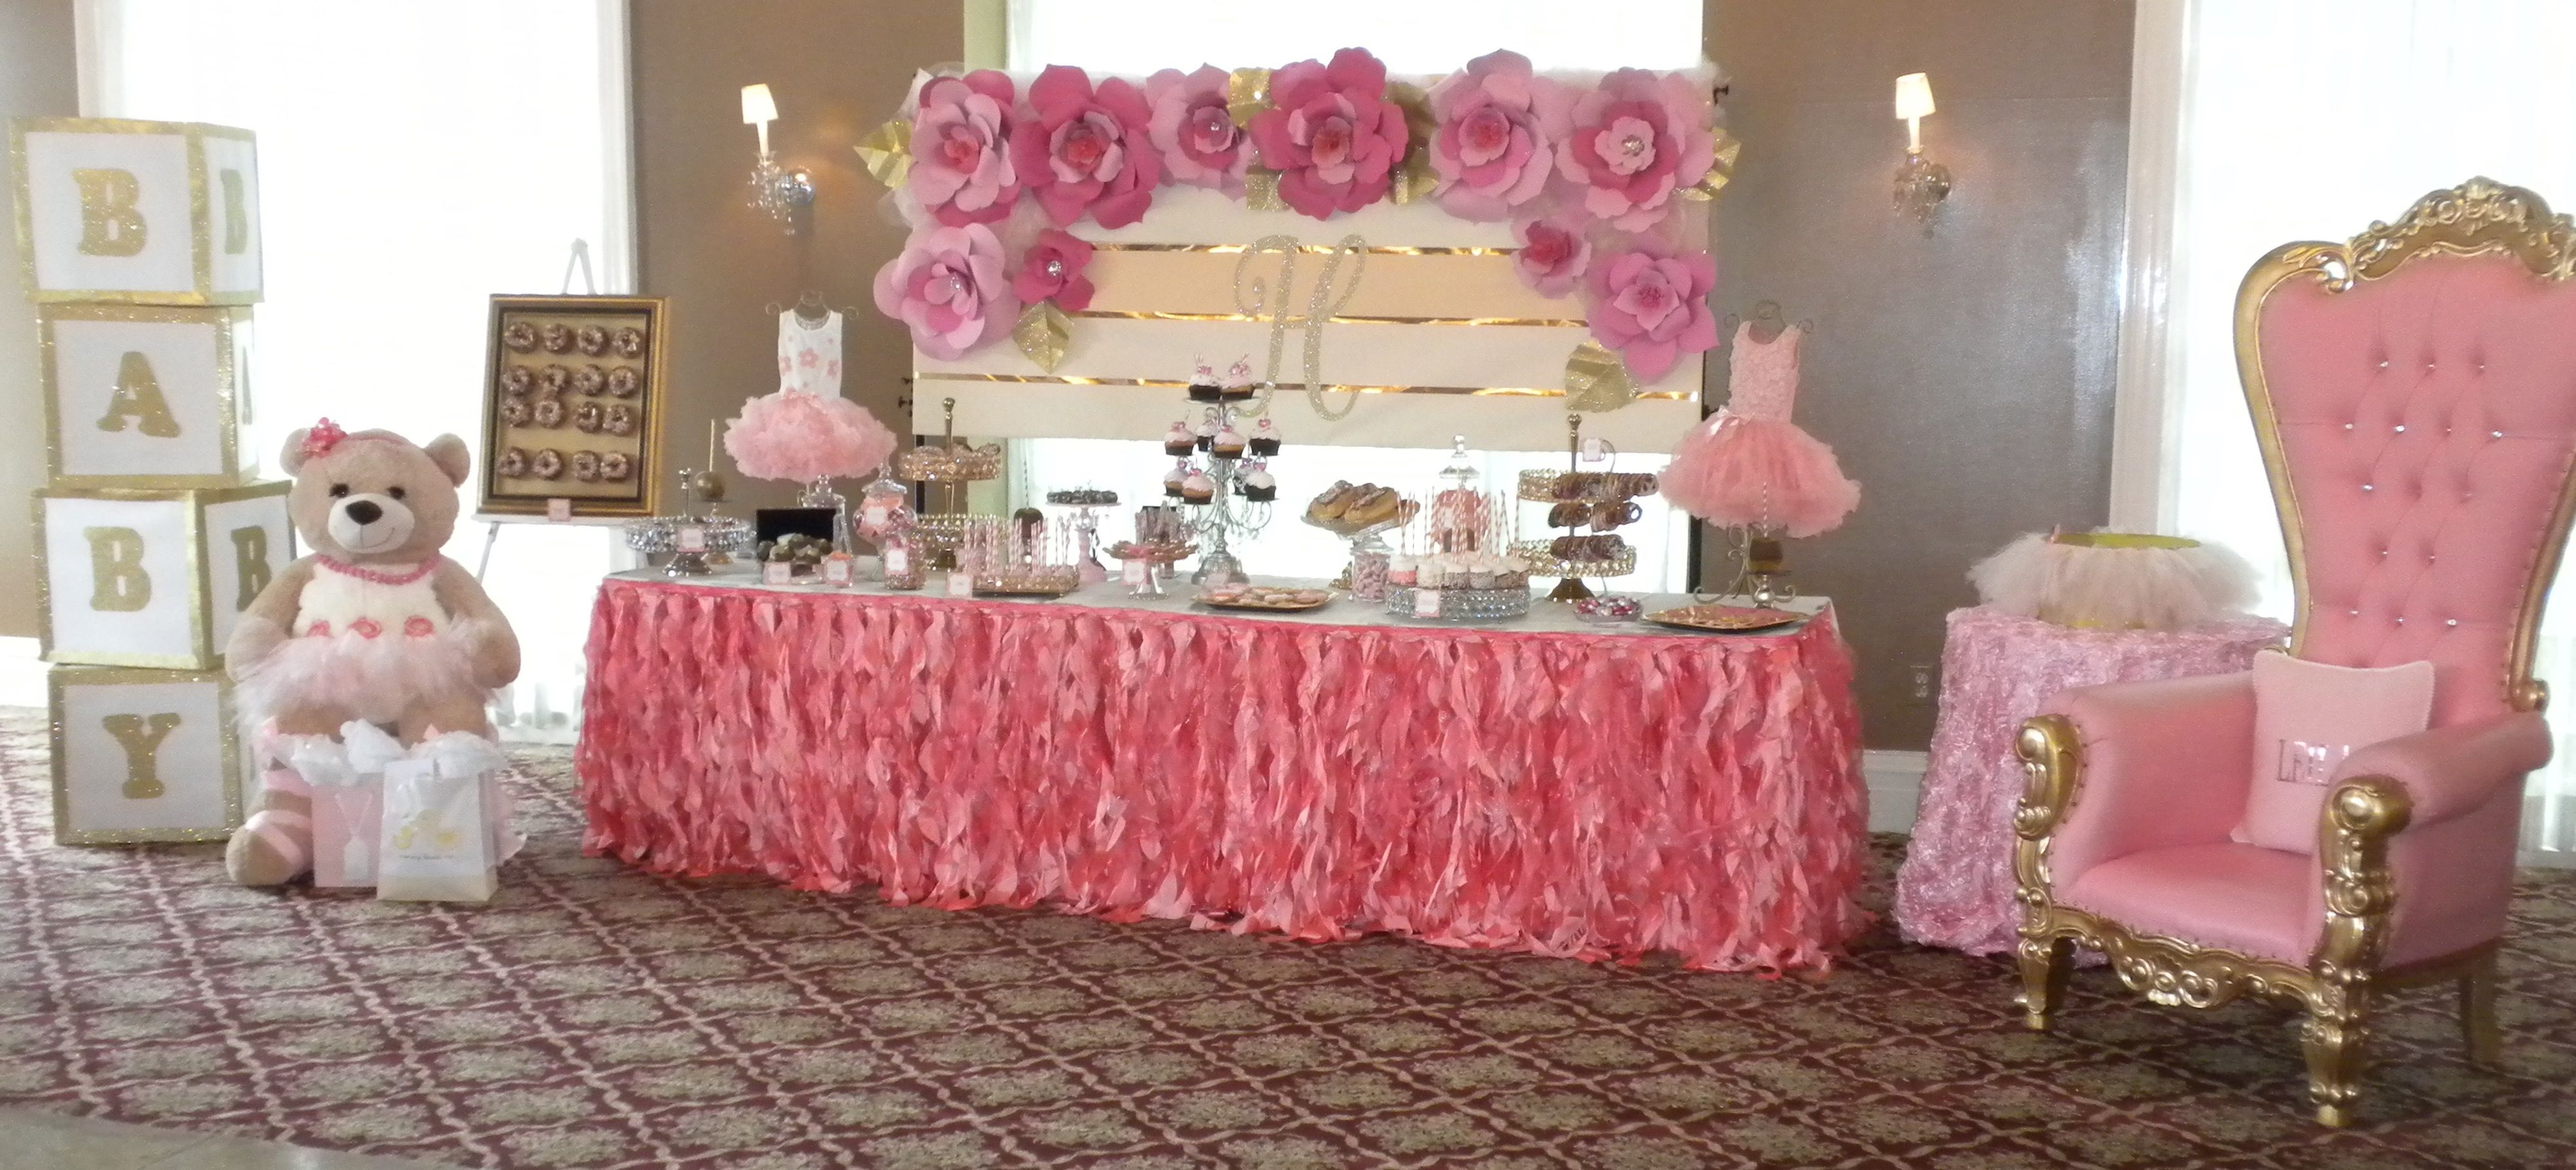 TuTu cute baby shower dessert table centerpieces table decor favors ...